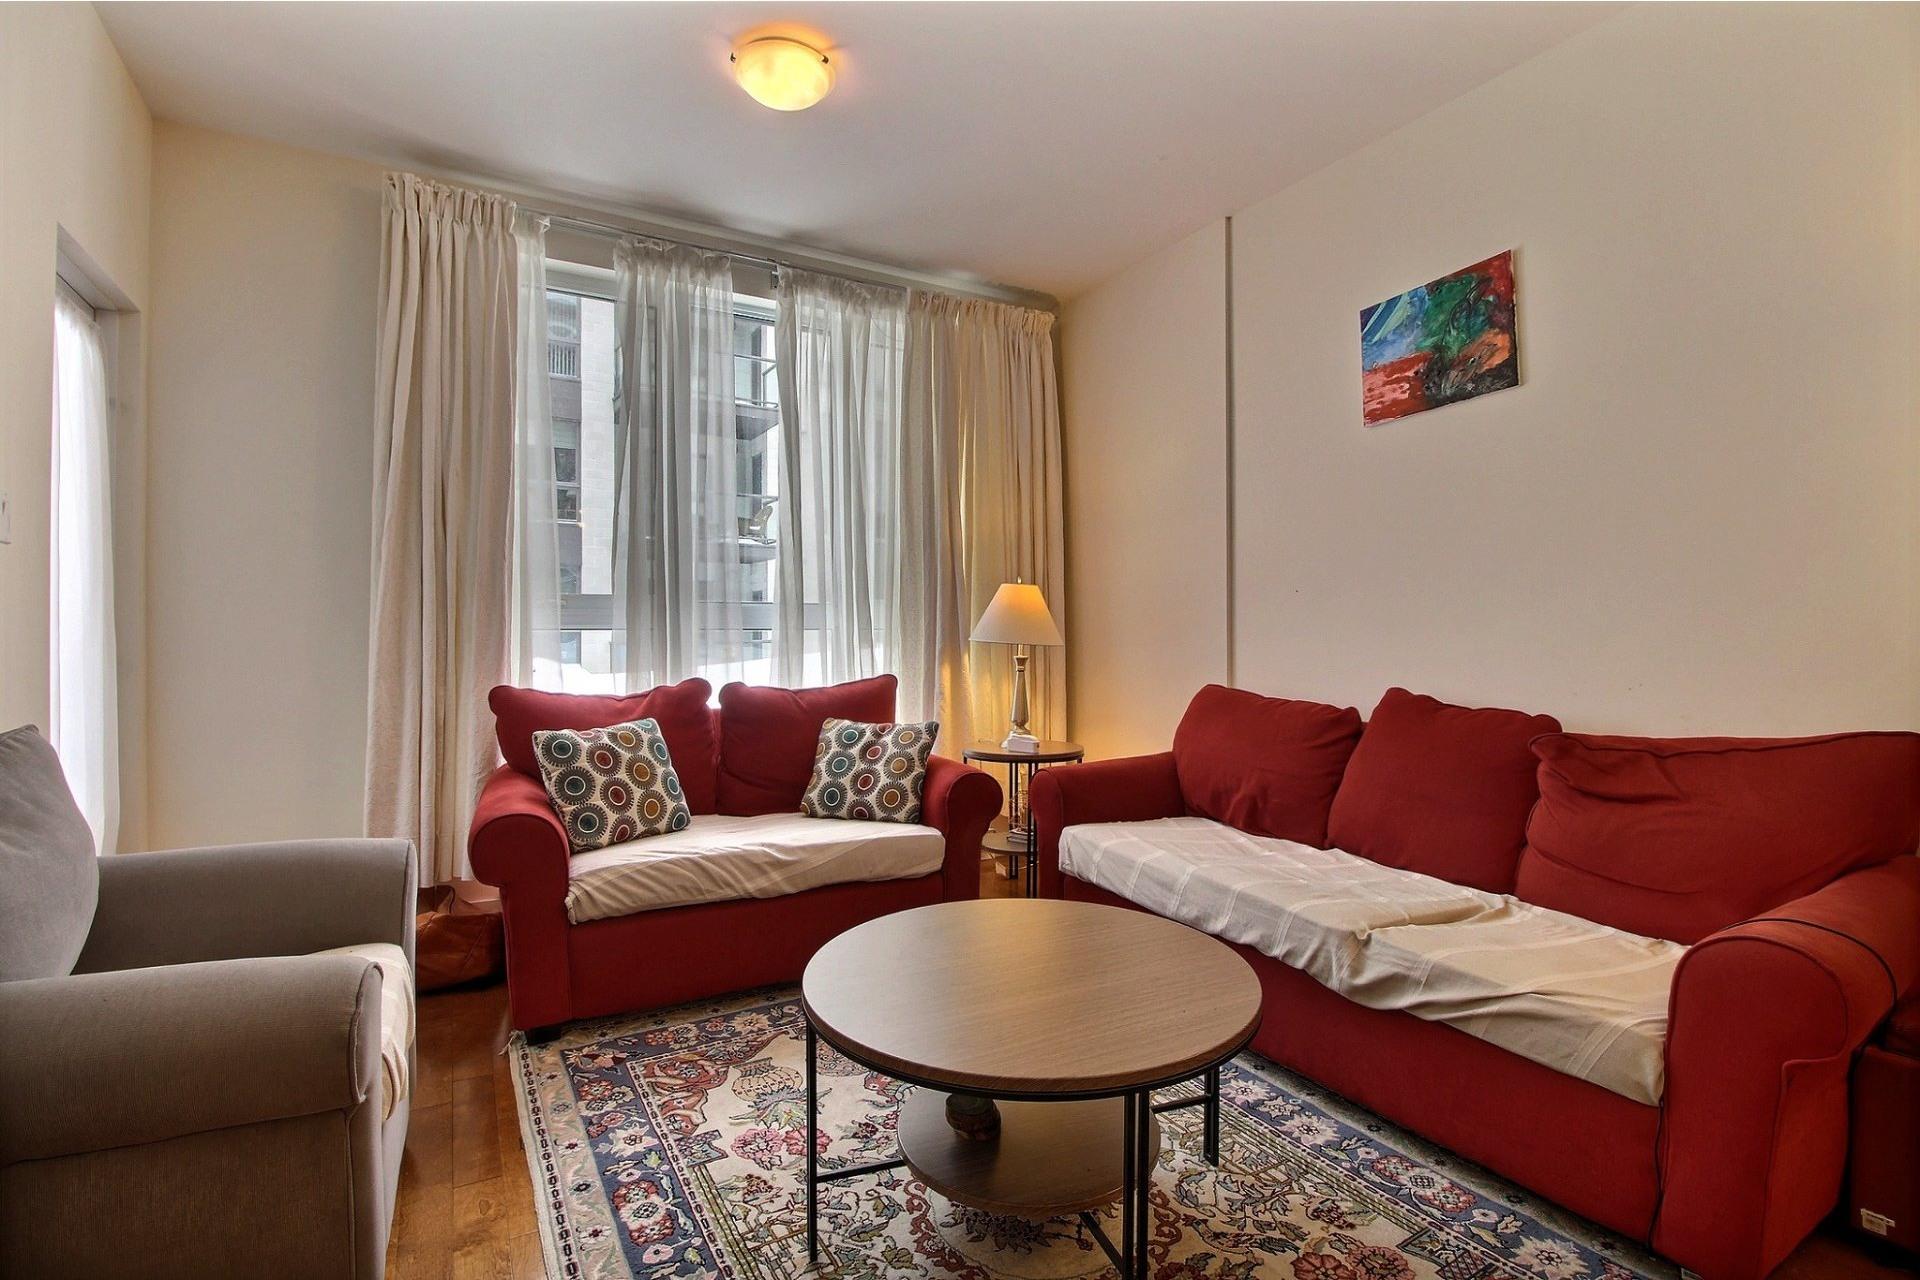 image 9 - Appartement À louer Rivière-des-Prairies/Pointe-aux-Trembles Montréal  - 6 pièces